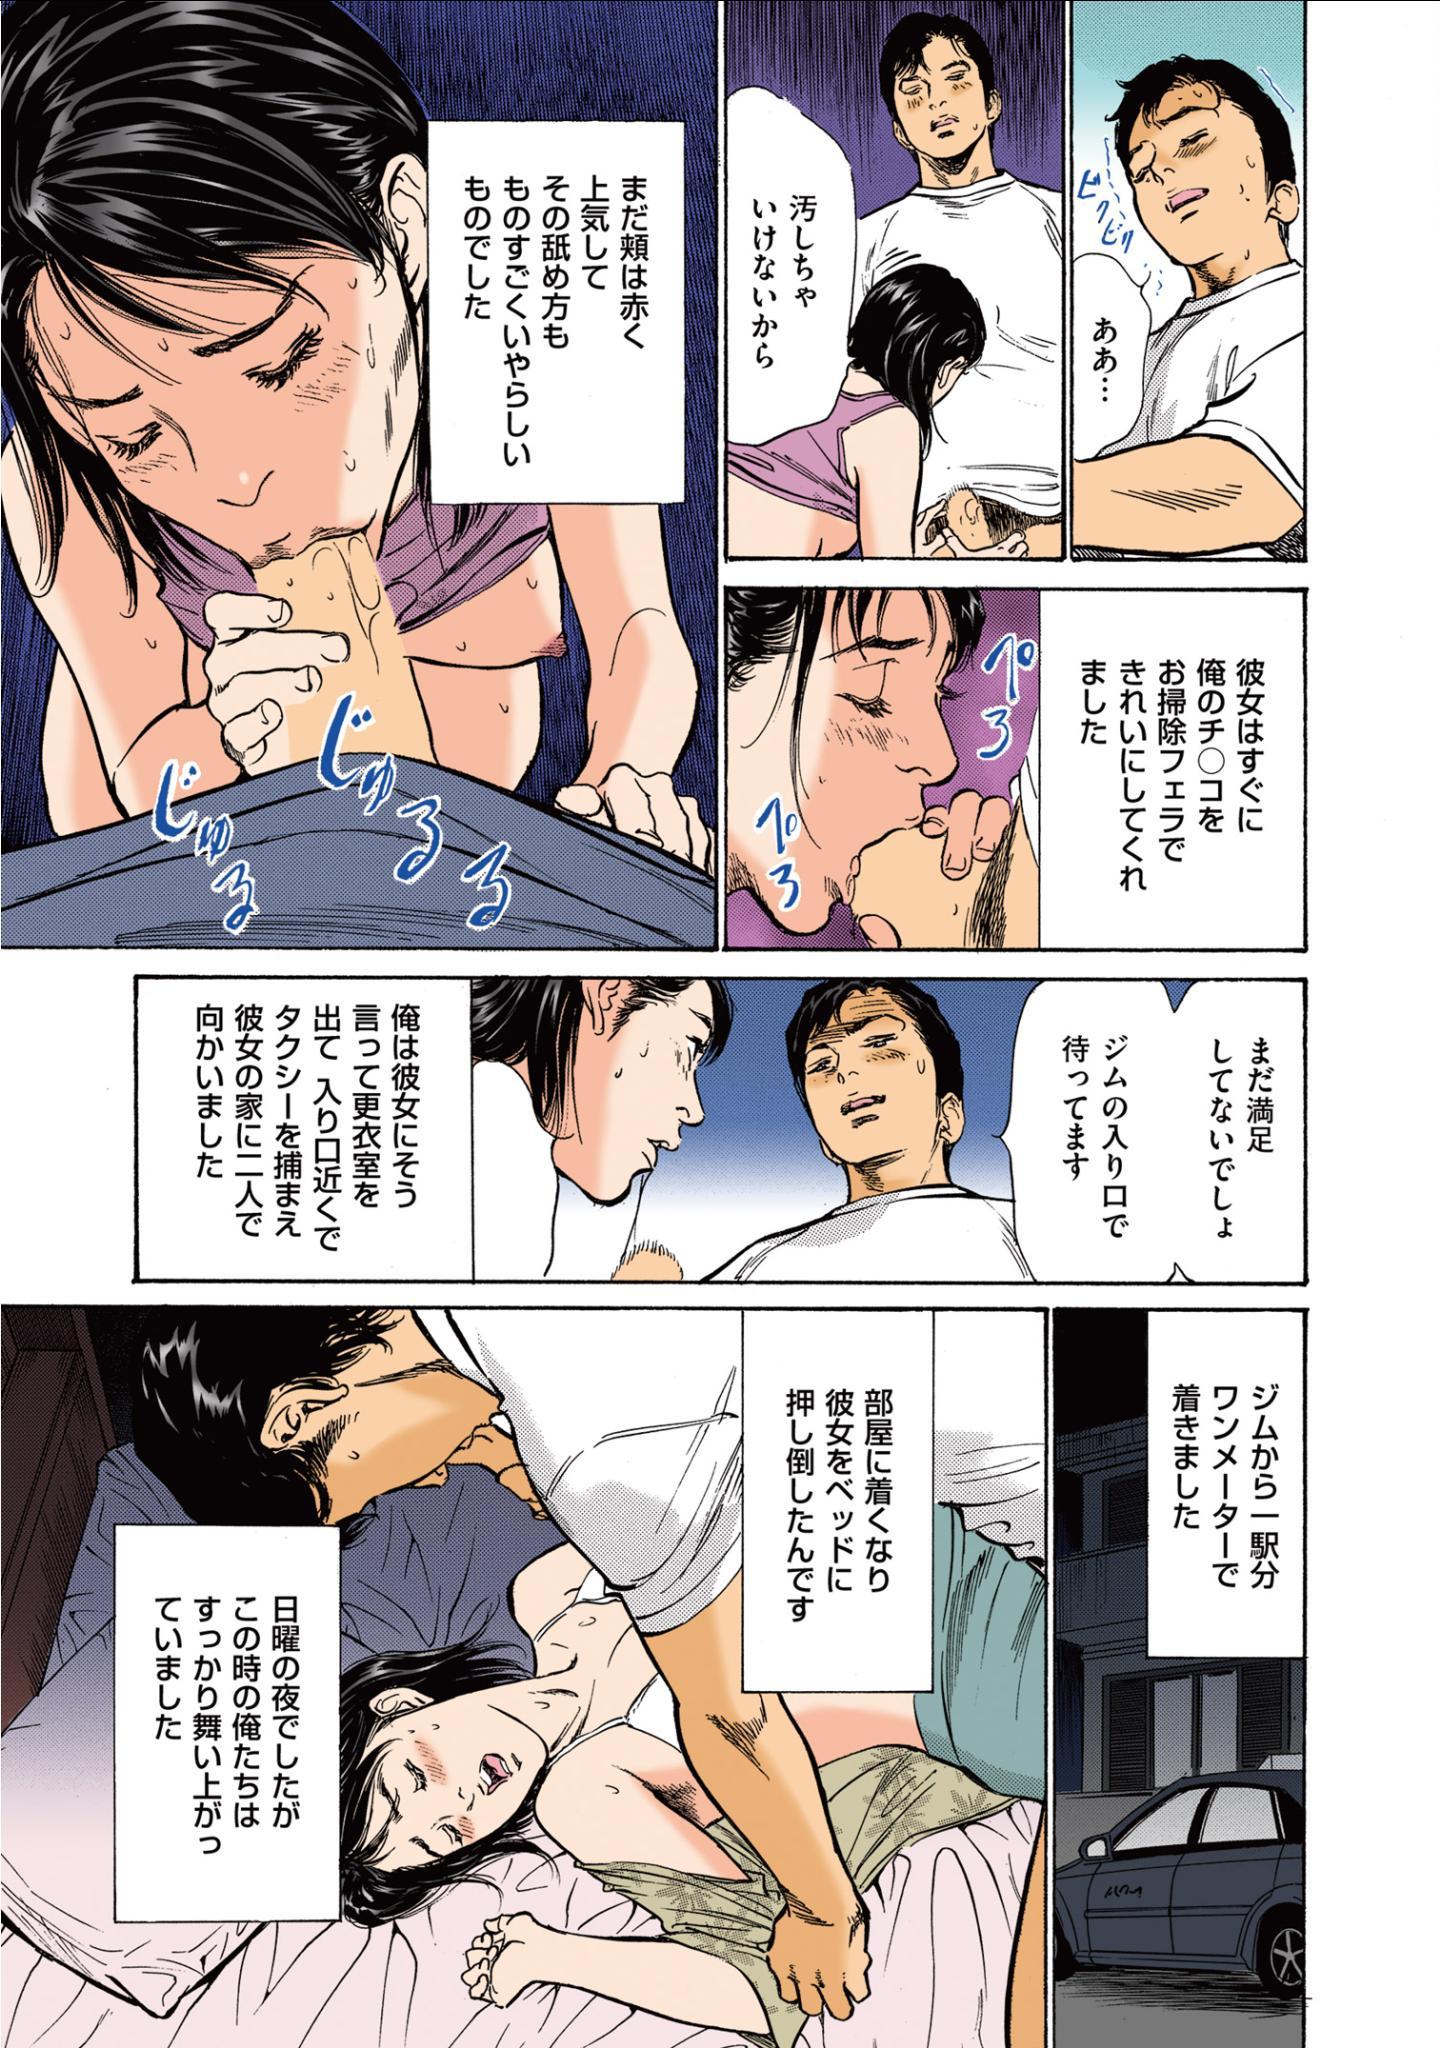 [Hazuki Kaoru] Hazuki Kaoru no Tamaranai Hanashi (Full Color Version) 1-2 30